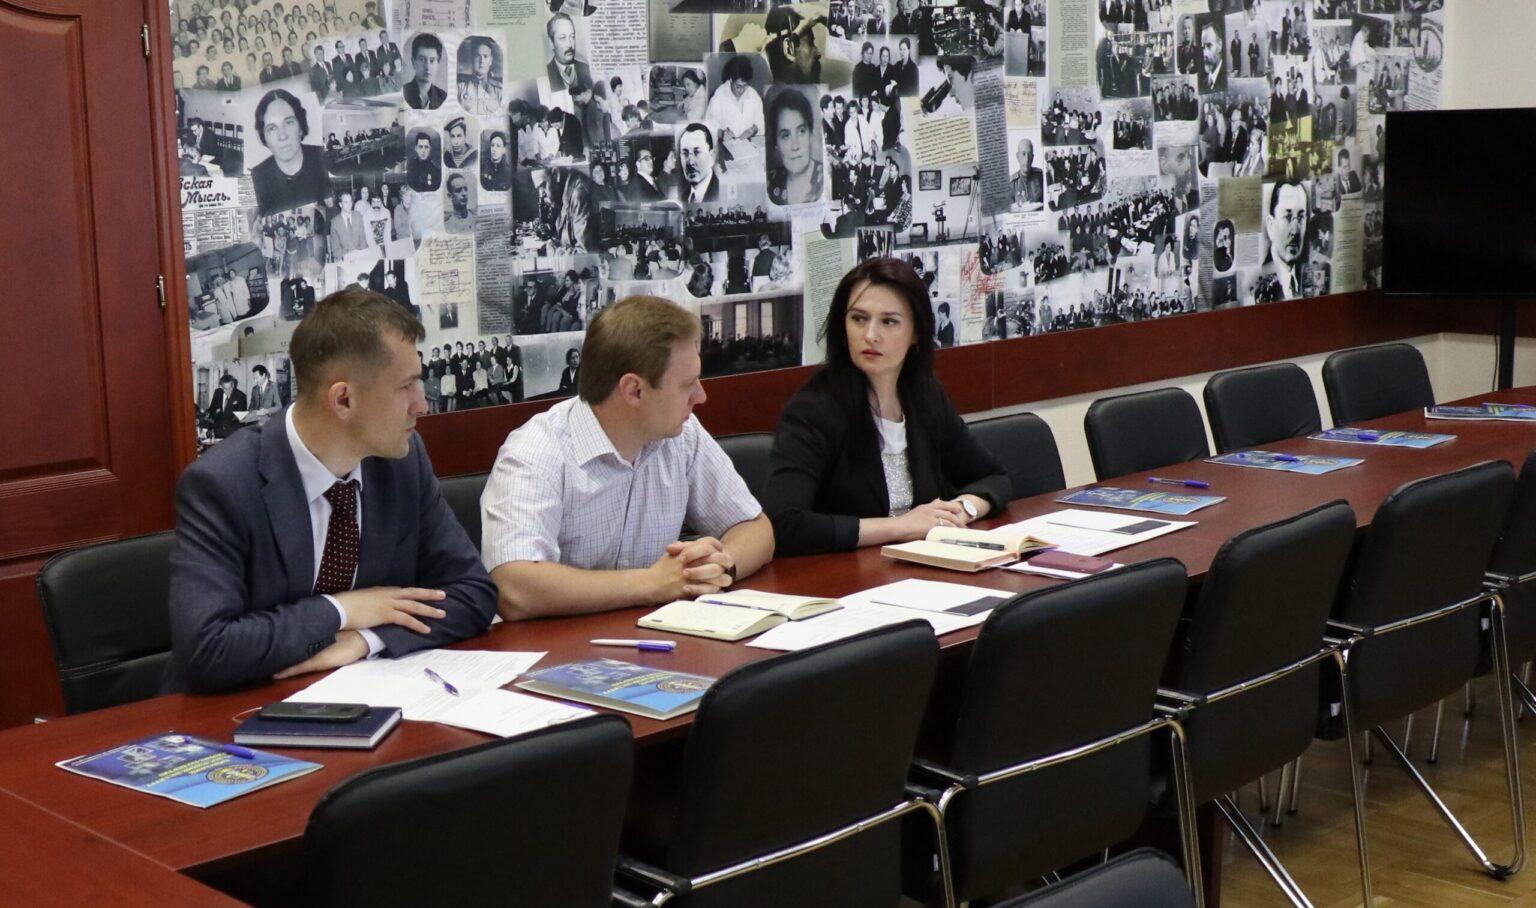 робоча зустріч фахівців Київського НДІСЕ та представників Національного агентства з питань запобігання корупції